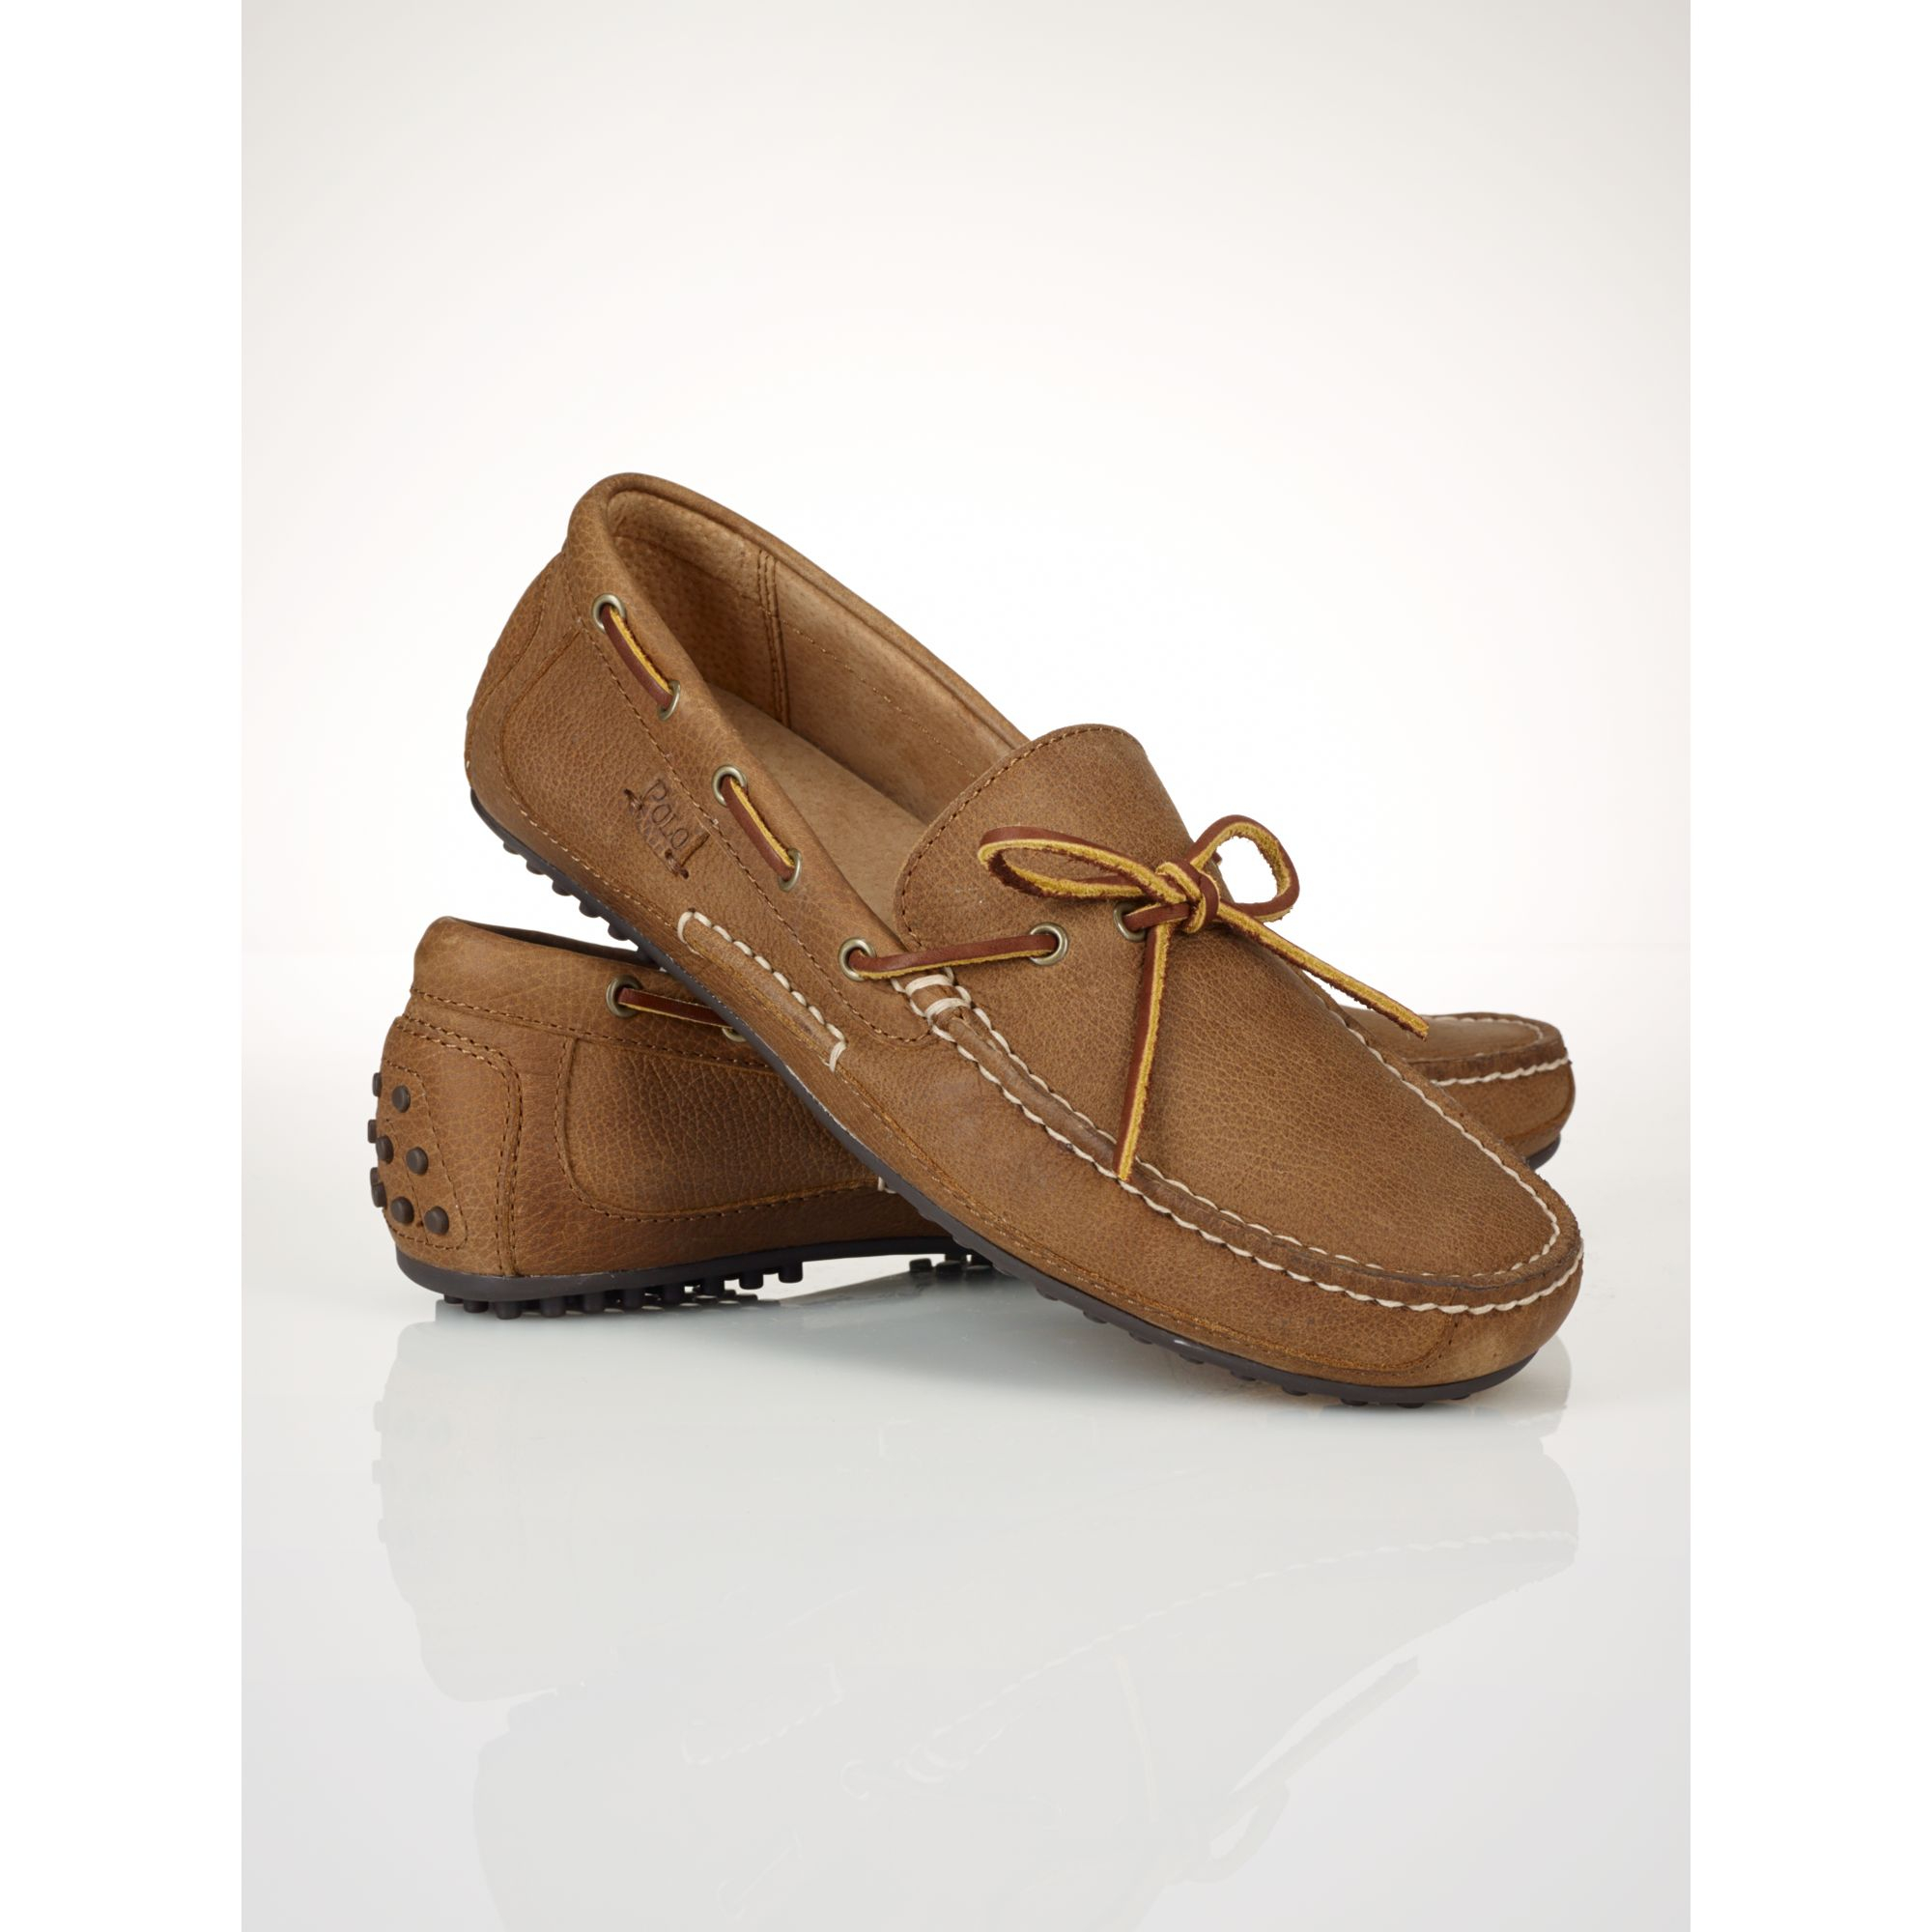 faf256ec9d5 Lyst - Polo Ralph Lauren Wyndings Loafer in Brown for Men